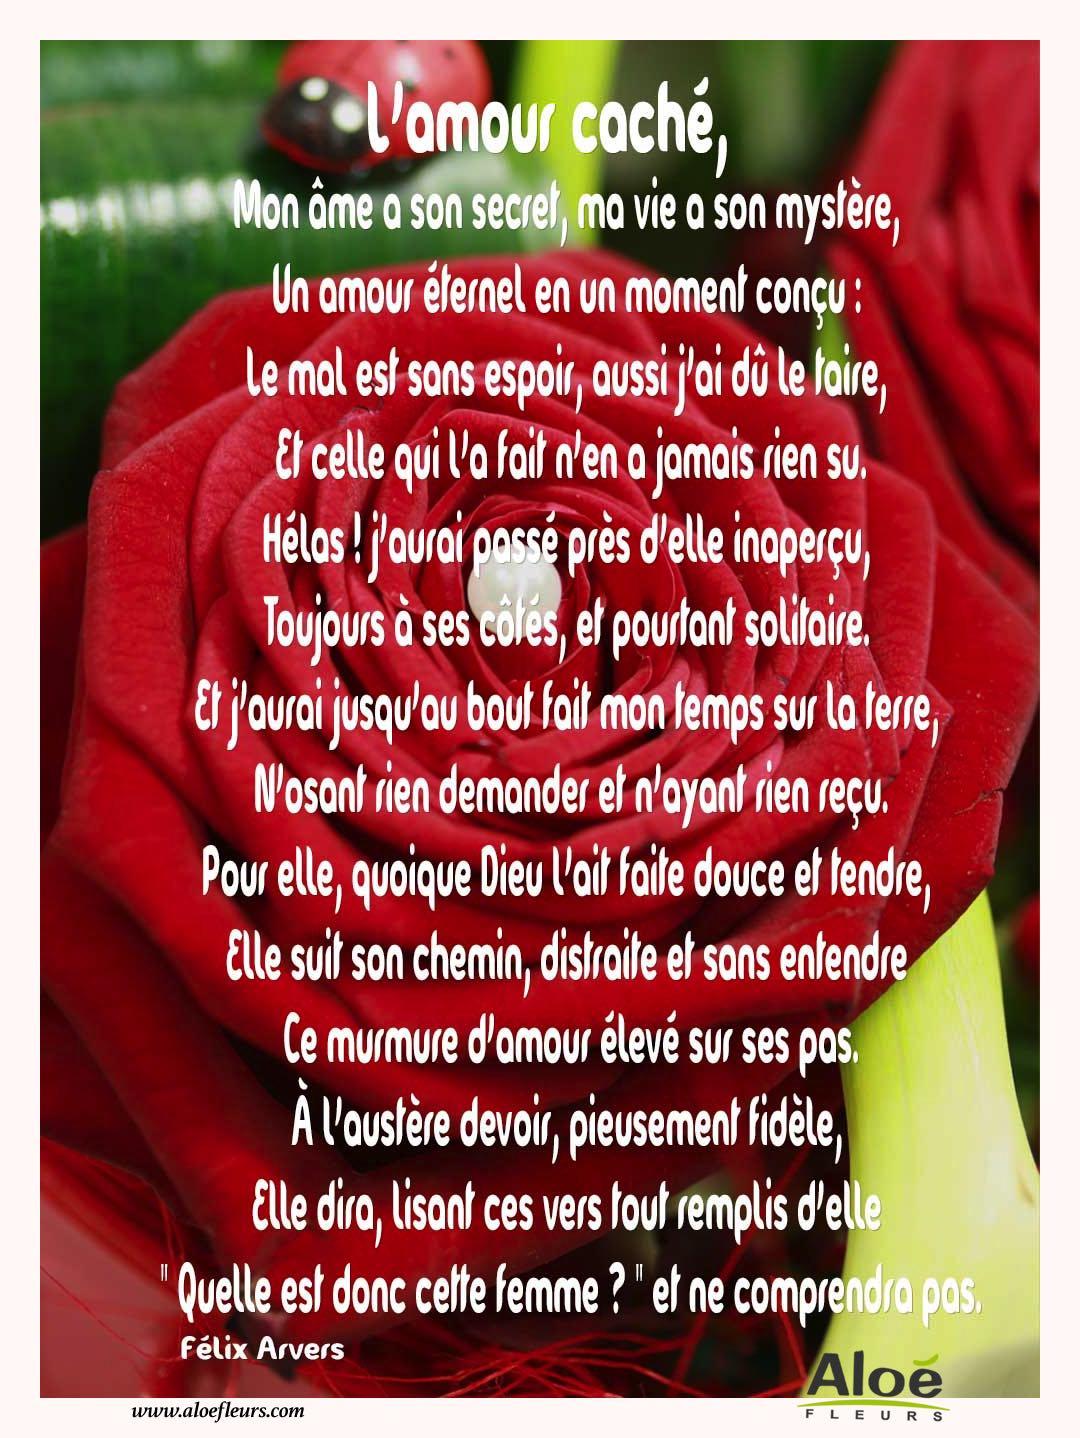 Citations D Amour Et Saint Valentin L Amour Caché Aloe Fleurs